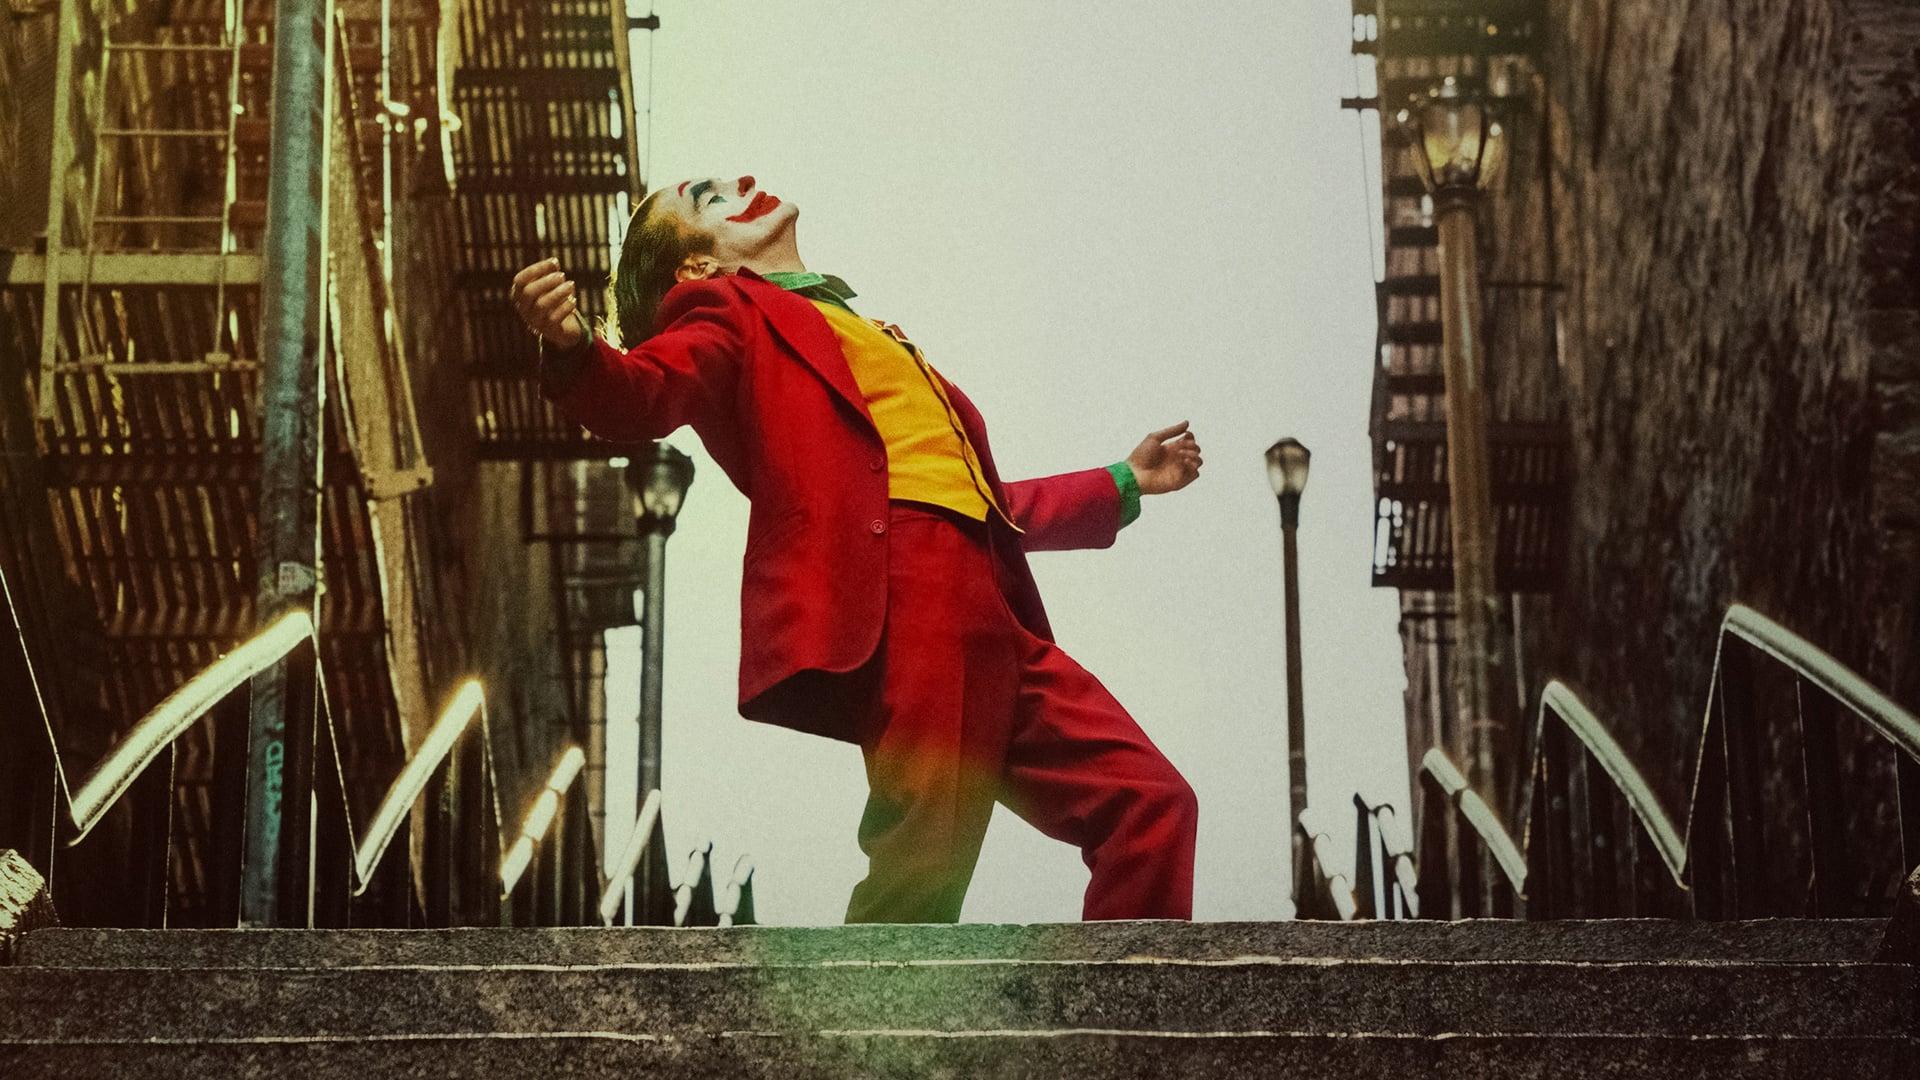 Il 'Joker' di Joaquin Phoenix, una metamorfosi danzante dall'apollineo al dionisiaco